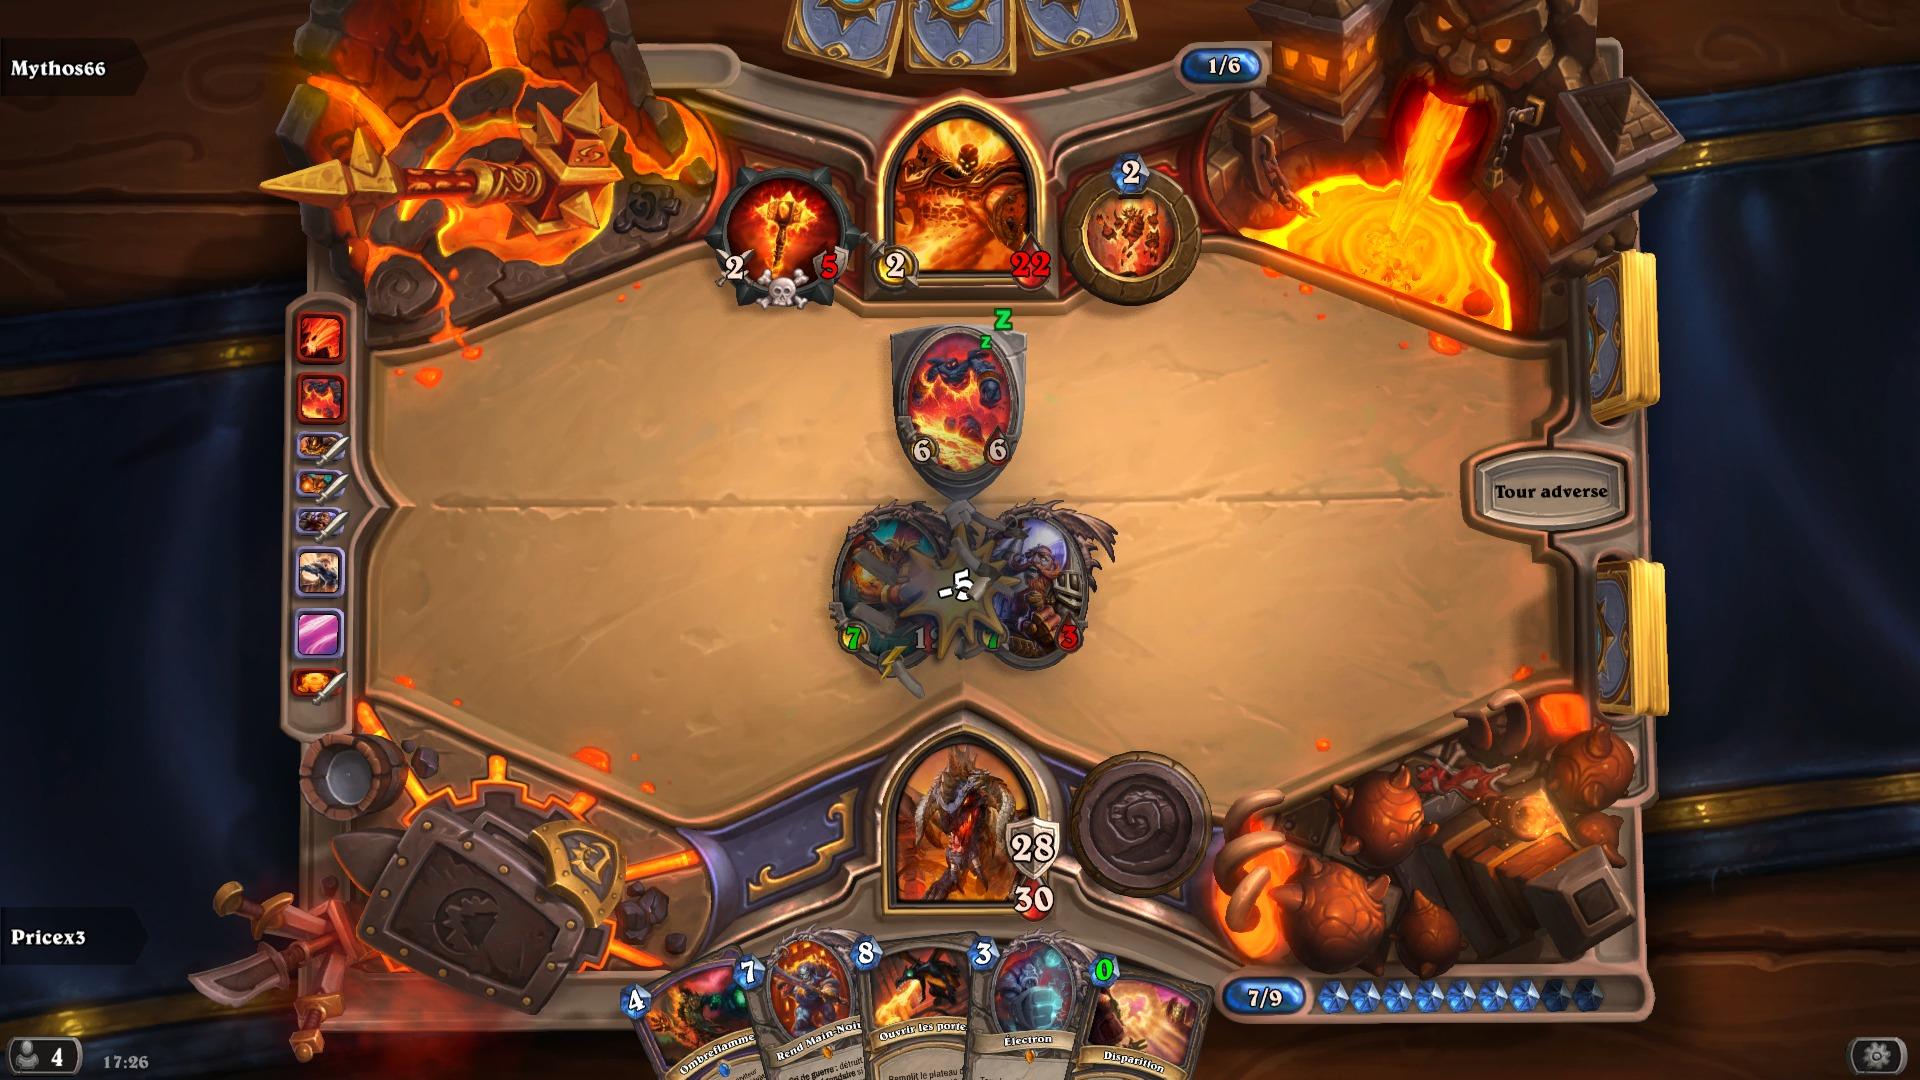 Hearthstone Screenshot 06-17-15 17.26.20